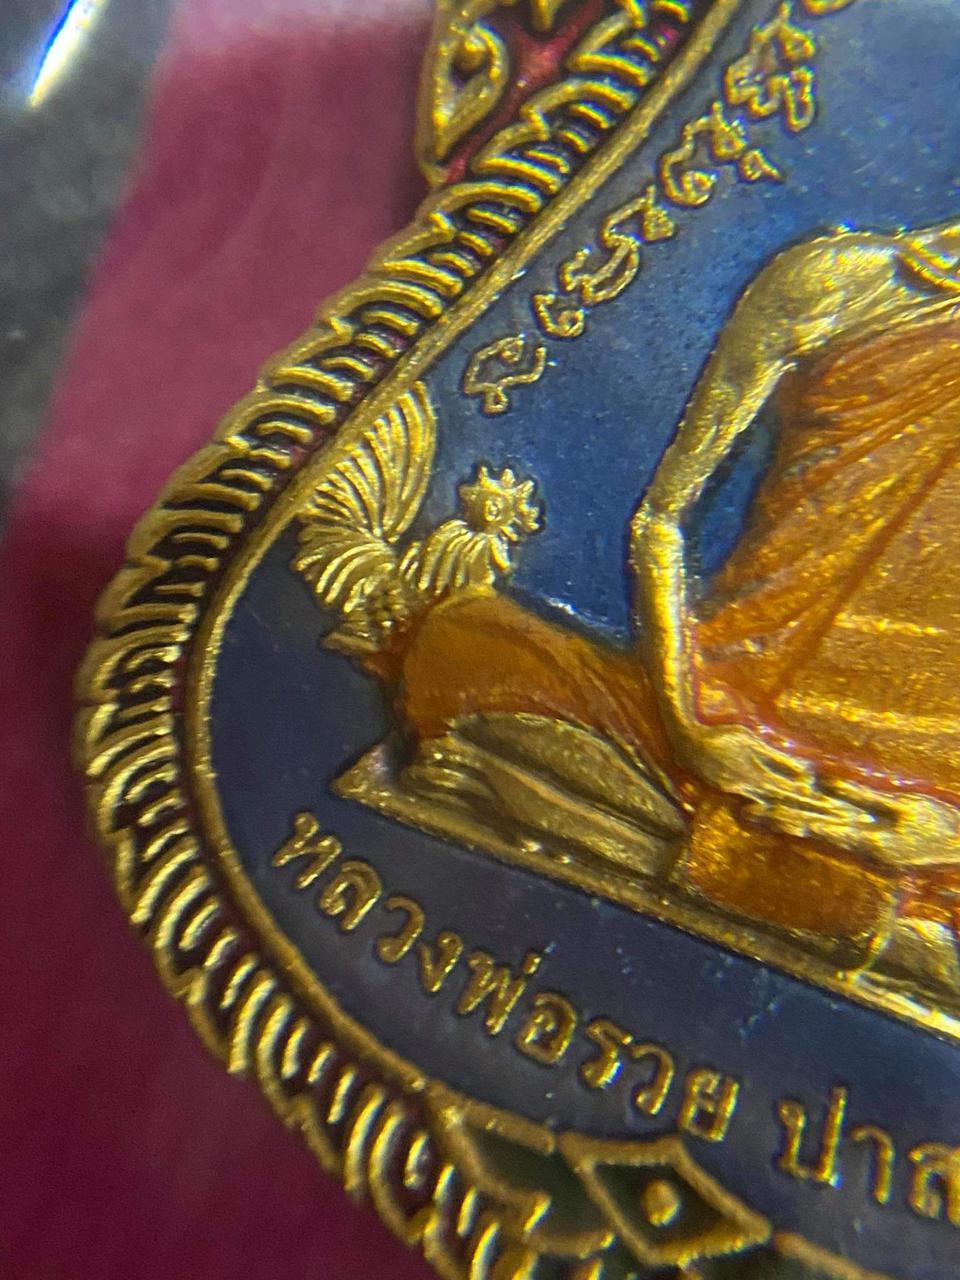 เหรียญ เลื่อนสมณศักดิ์ หลวงพ่อรวย กะไหล่ ทอง รูปที่ 4